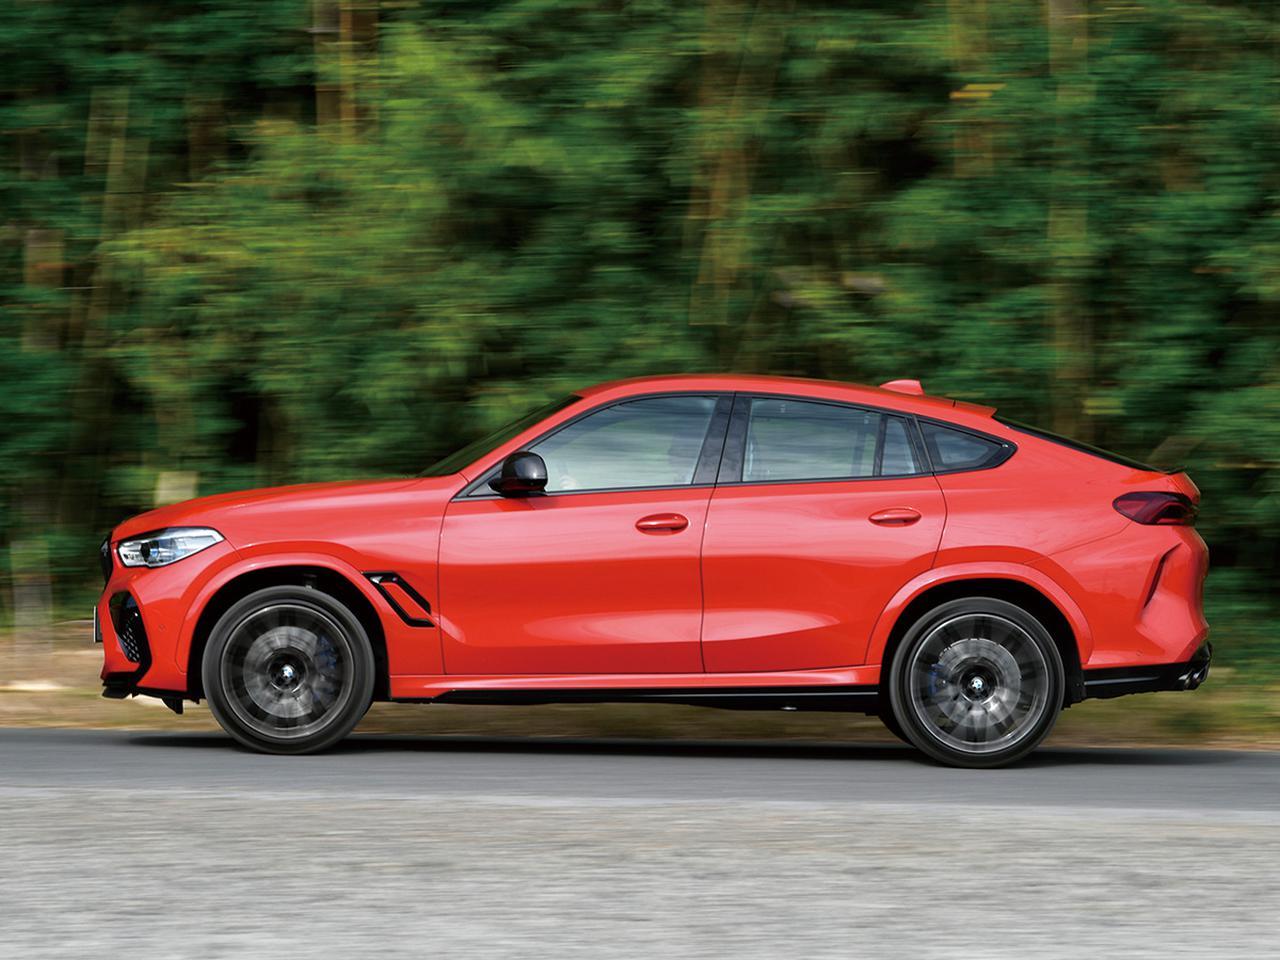 画像: BMW X6 Mコンペティション。荷重移動が素早くピタリと決まり、日本の狭いワインディングロードでも俊敏にノーズの向きを変えることができる。